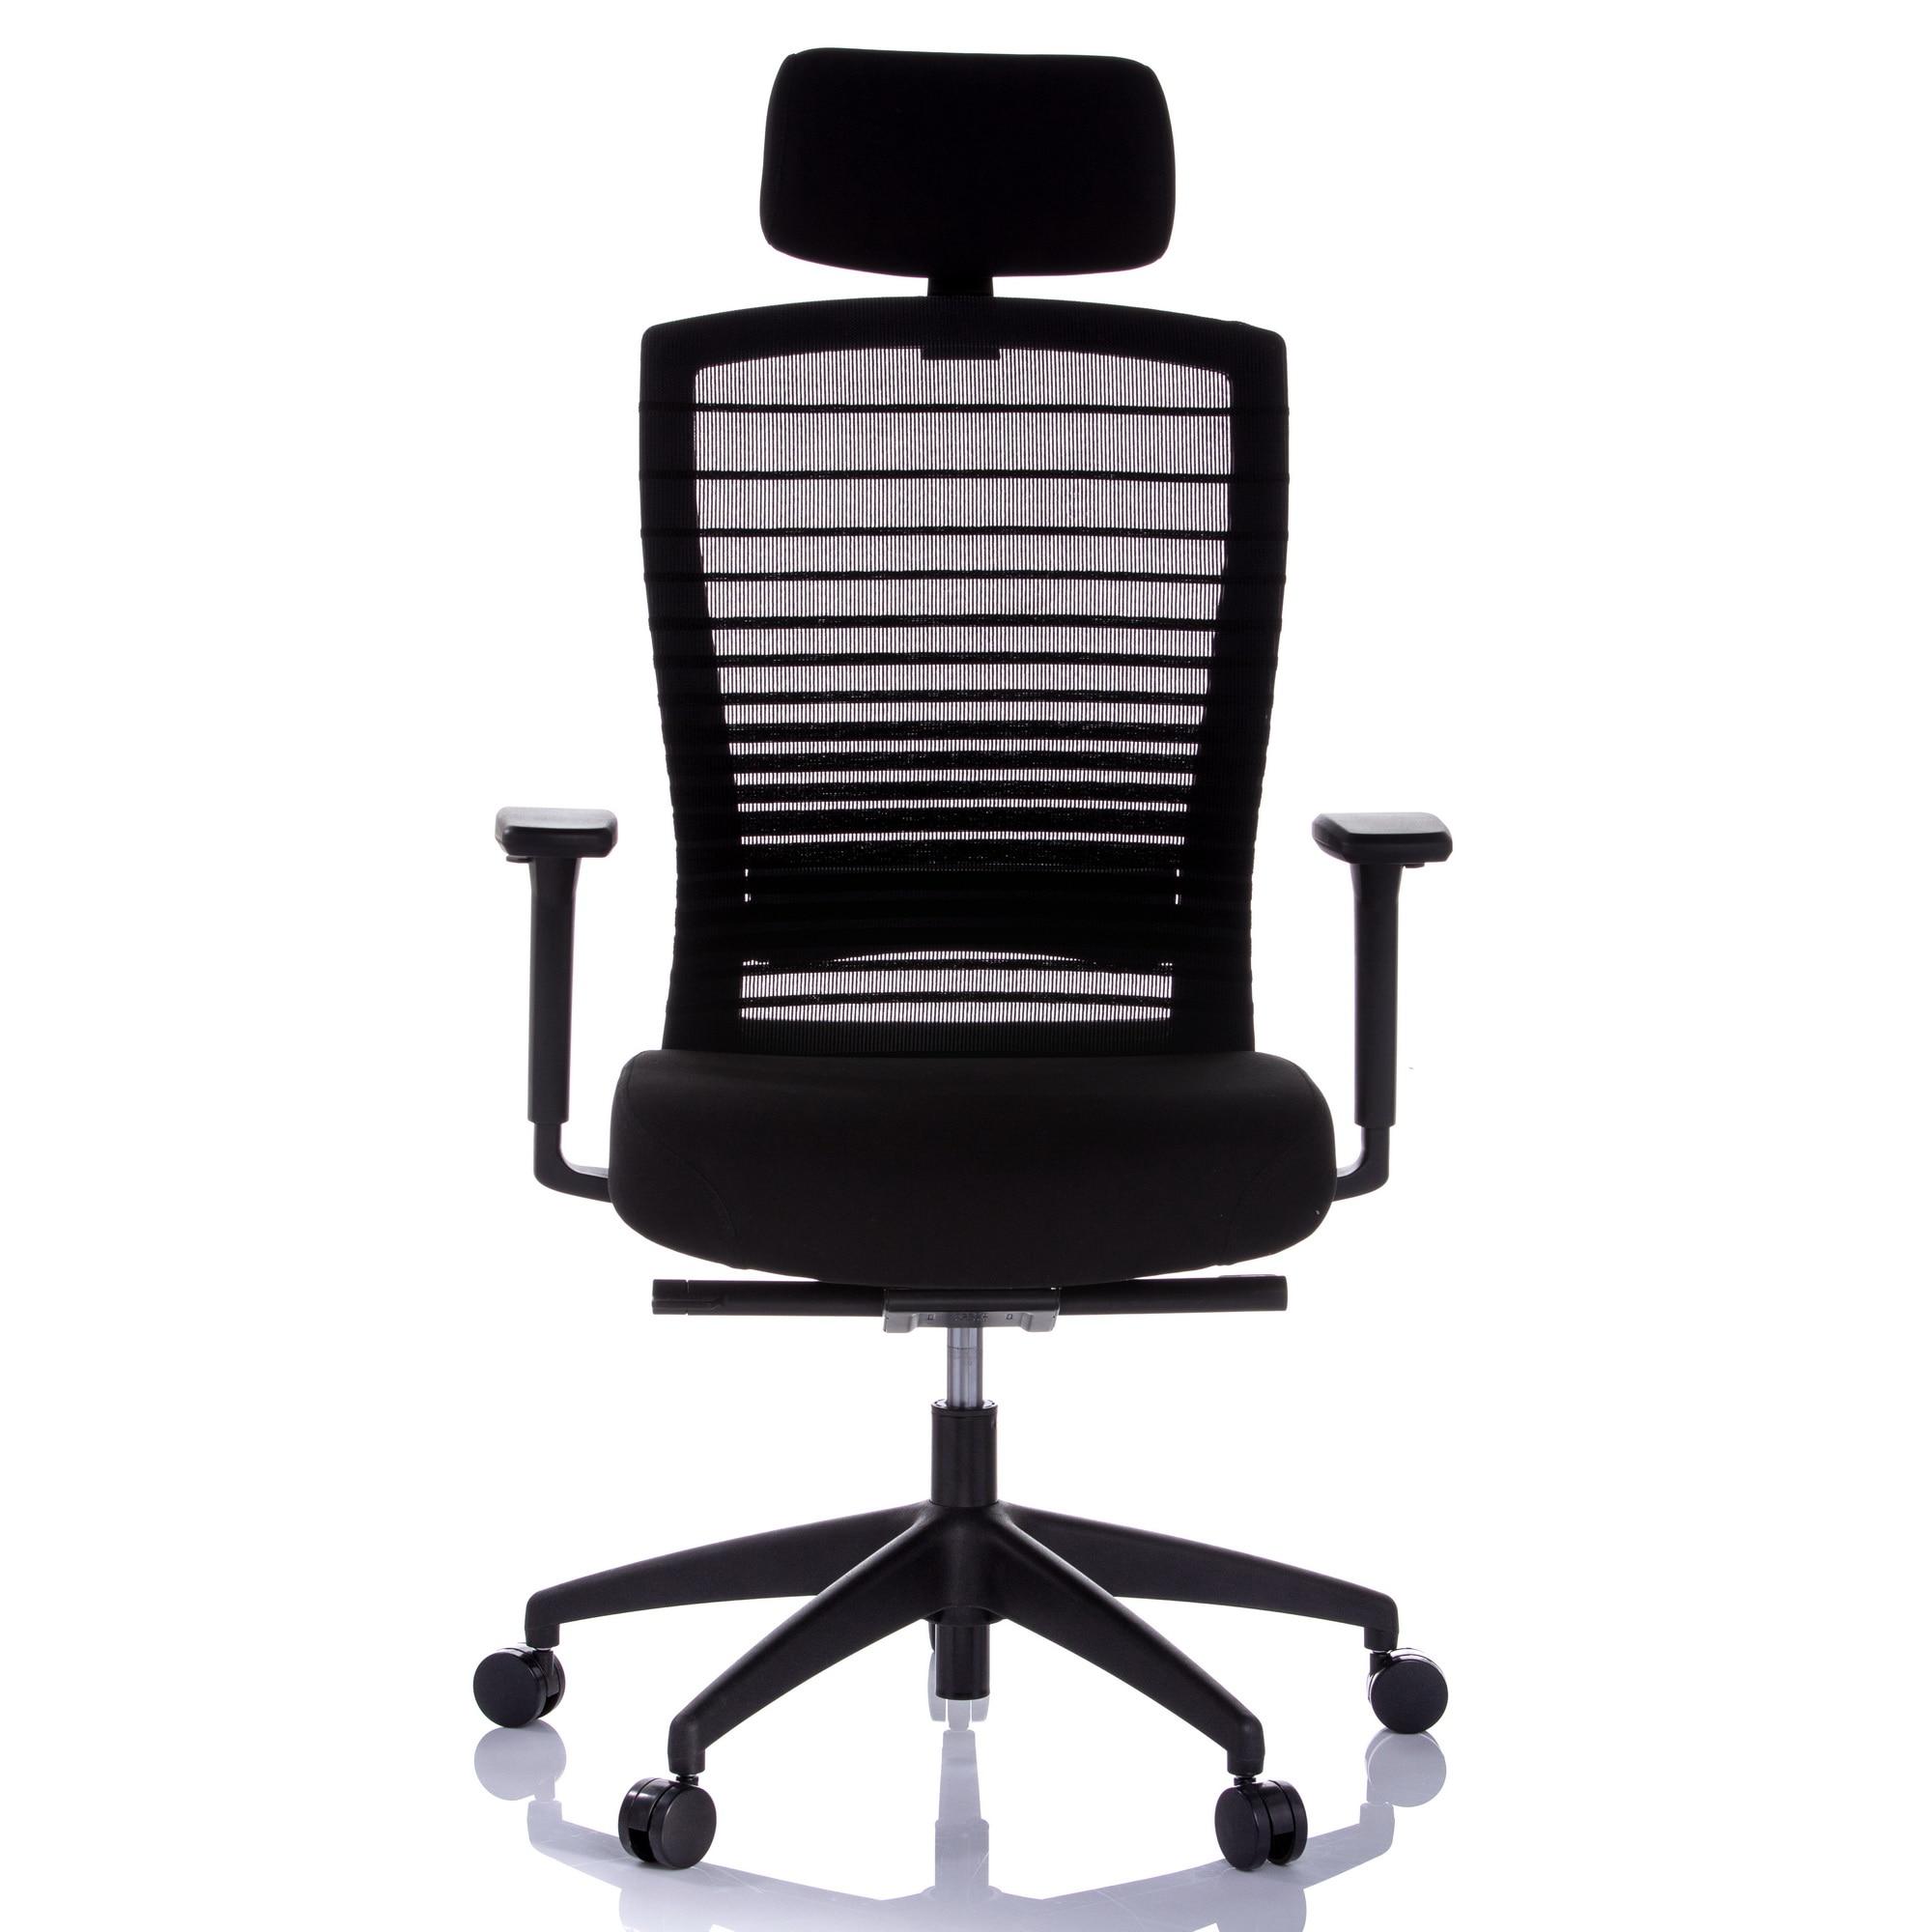 QMOBILI MUNIZ HI Fekete ergonomikus szék, szövet ülőlap, mesh háttámla, fejtámla 2D, szinkron mechanika, állítható deréktámasz, karfa 3D, PP